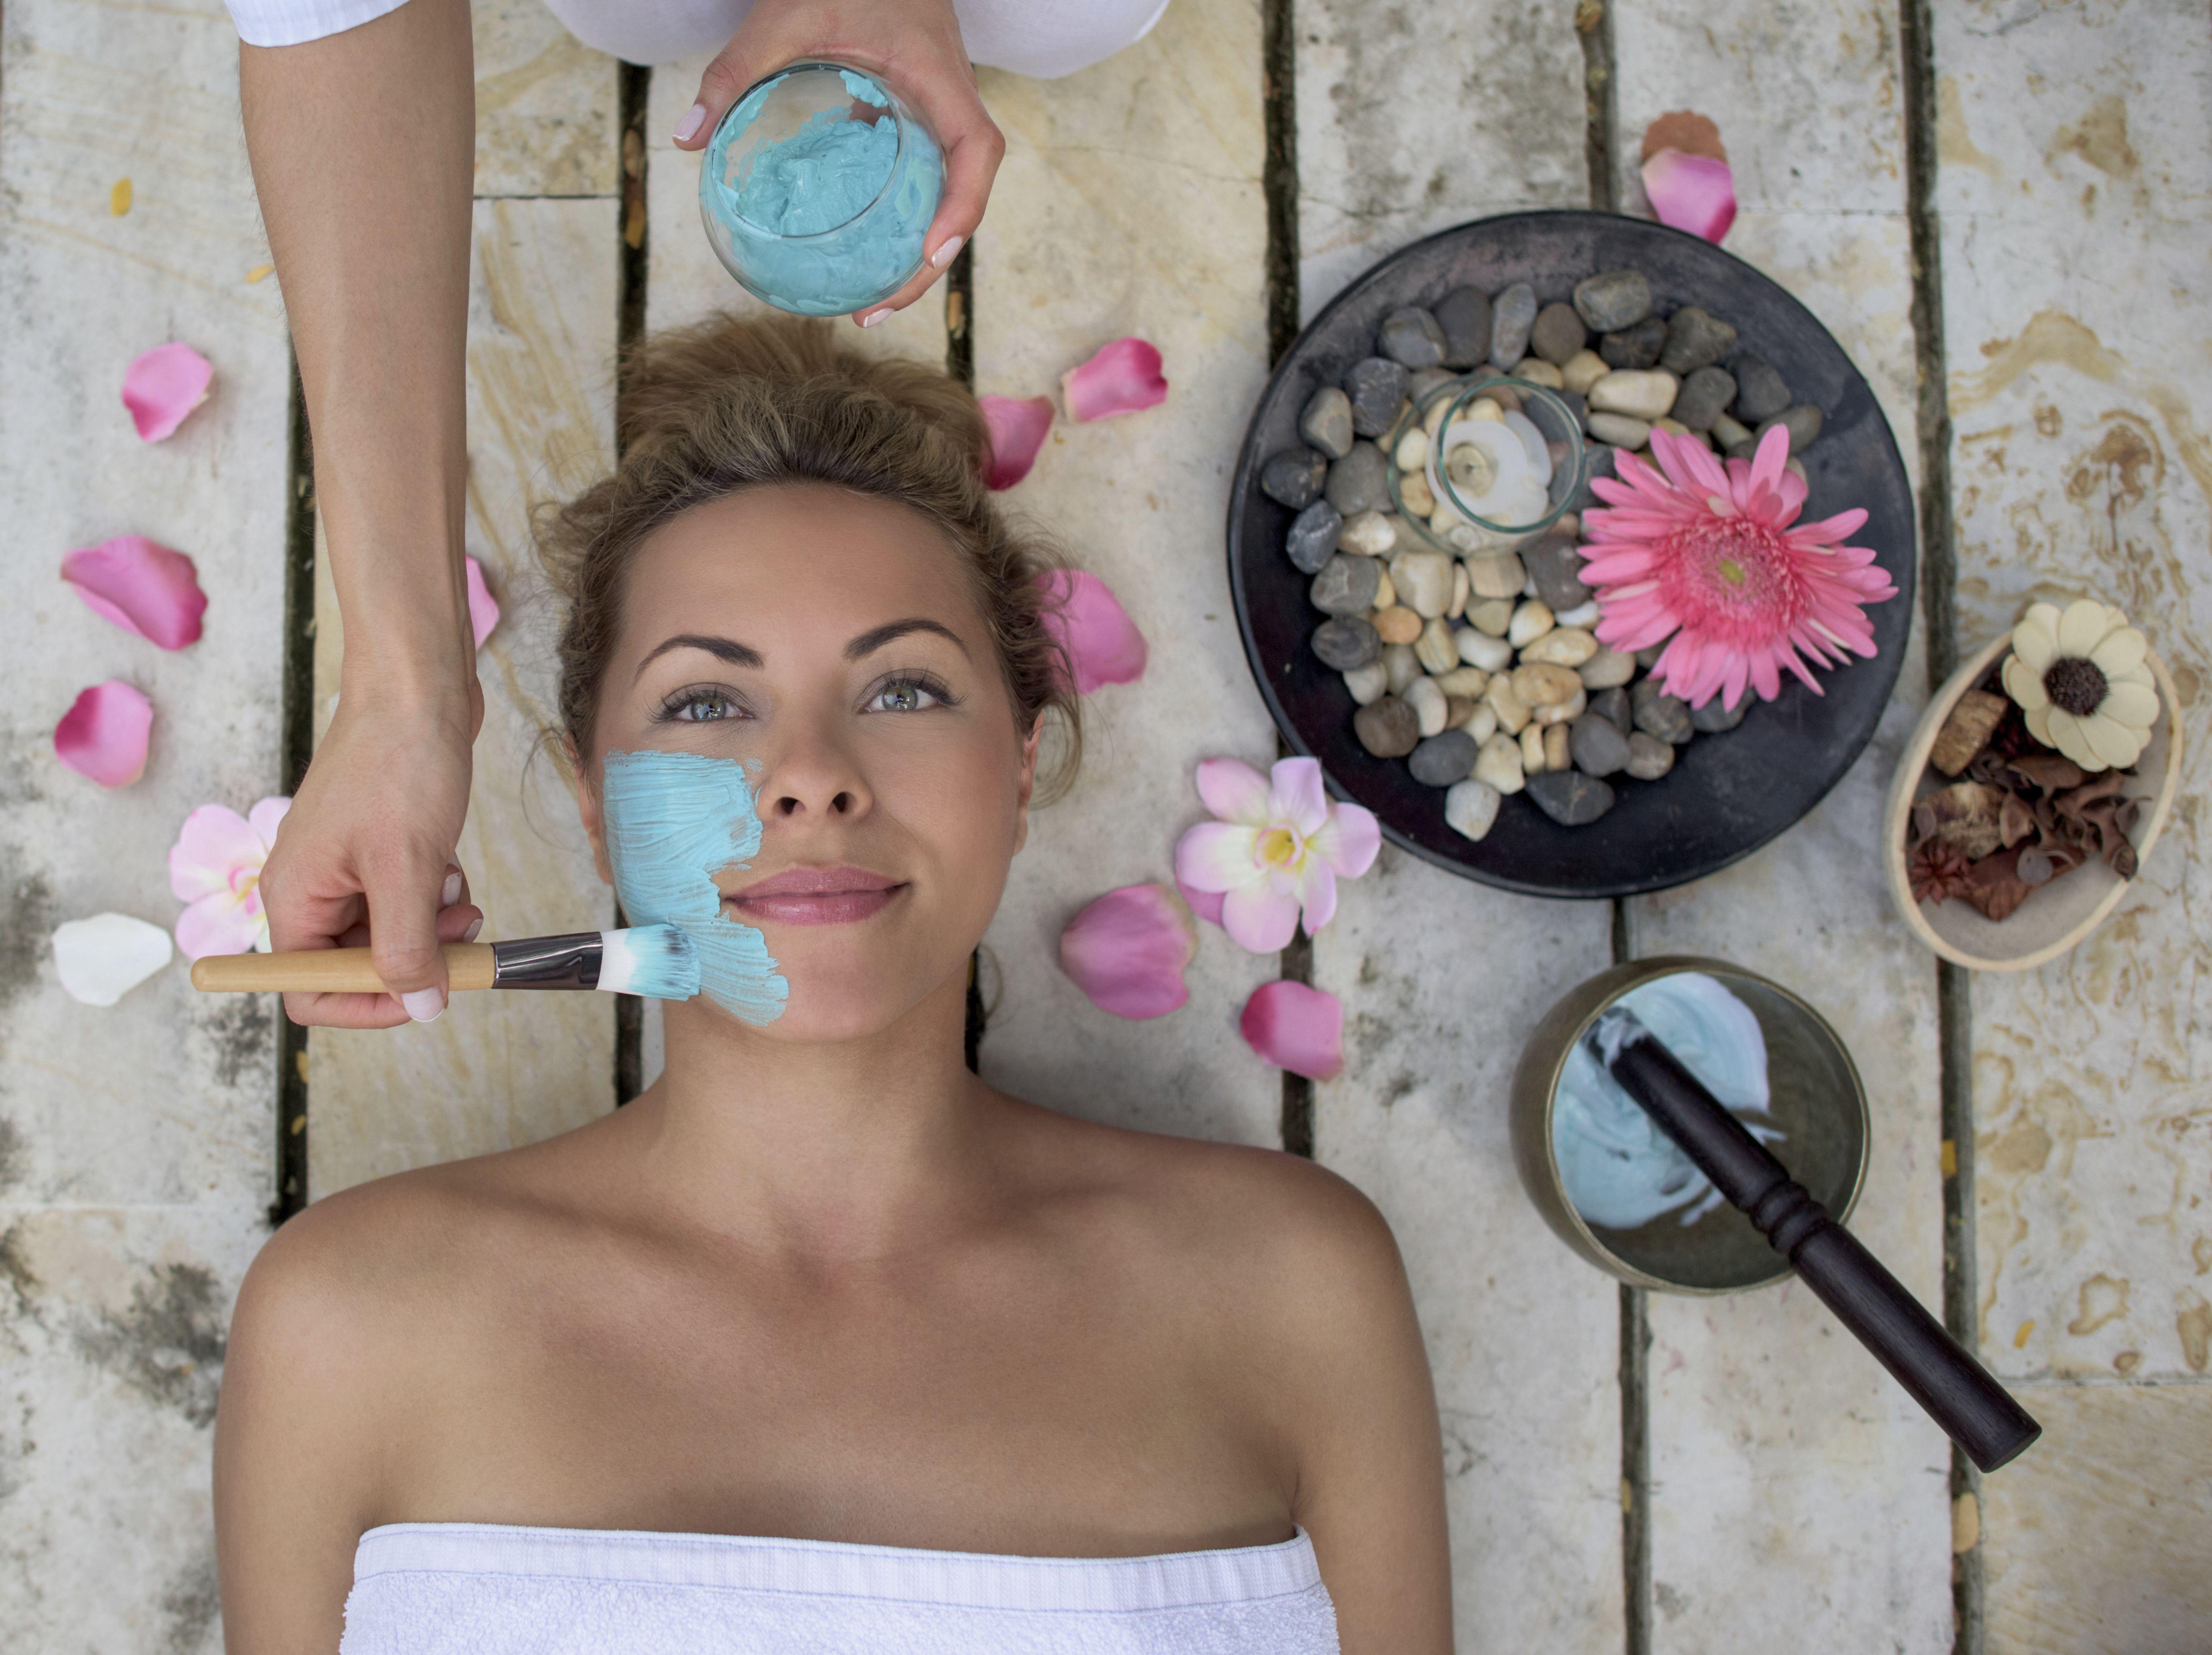 Tratamiento facial / contorno de ojos: Nuestros Servicios de Centro de Belleza Mª Ángeles